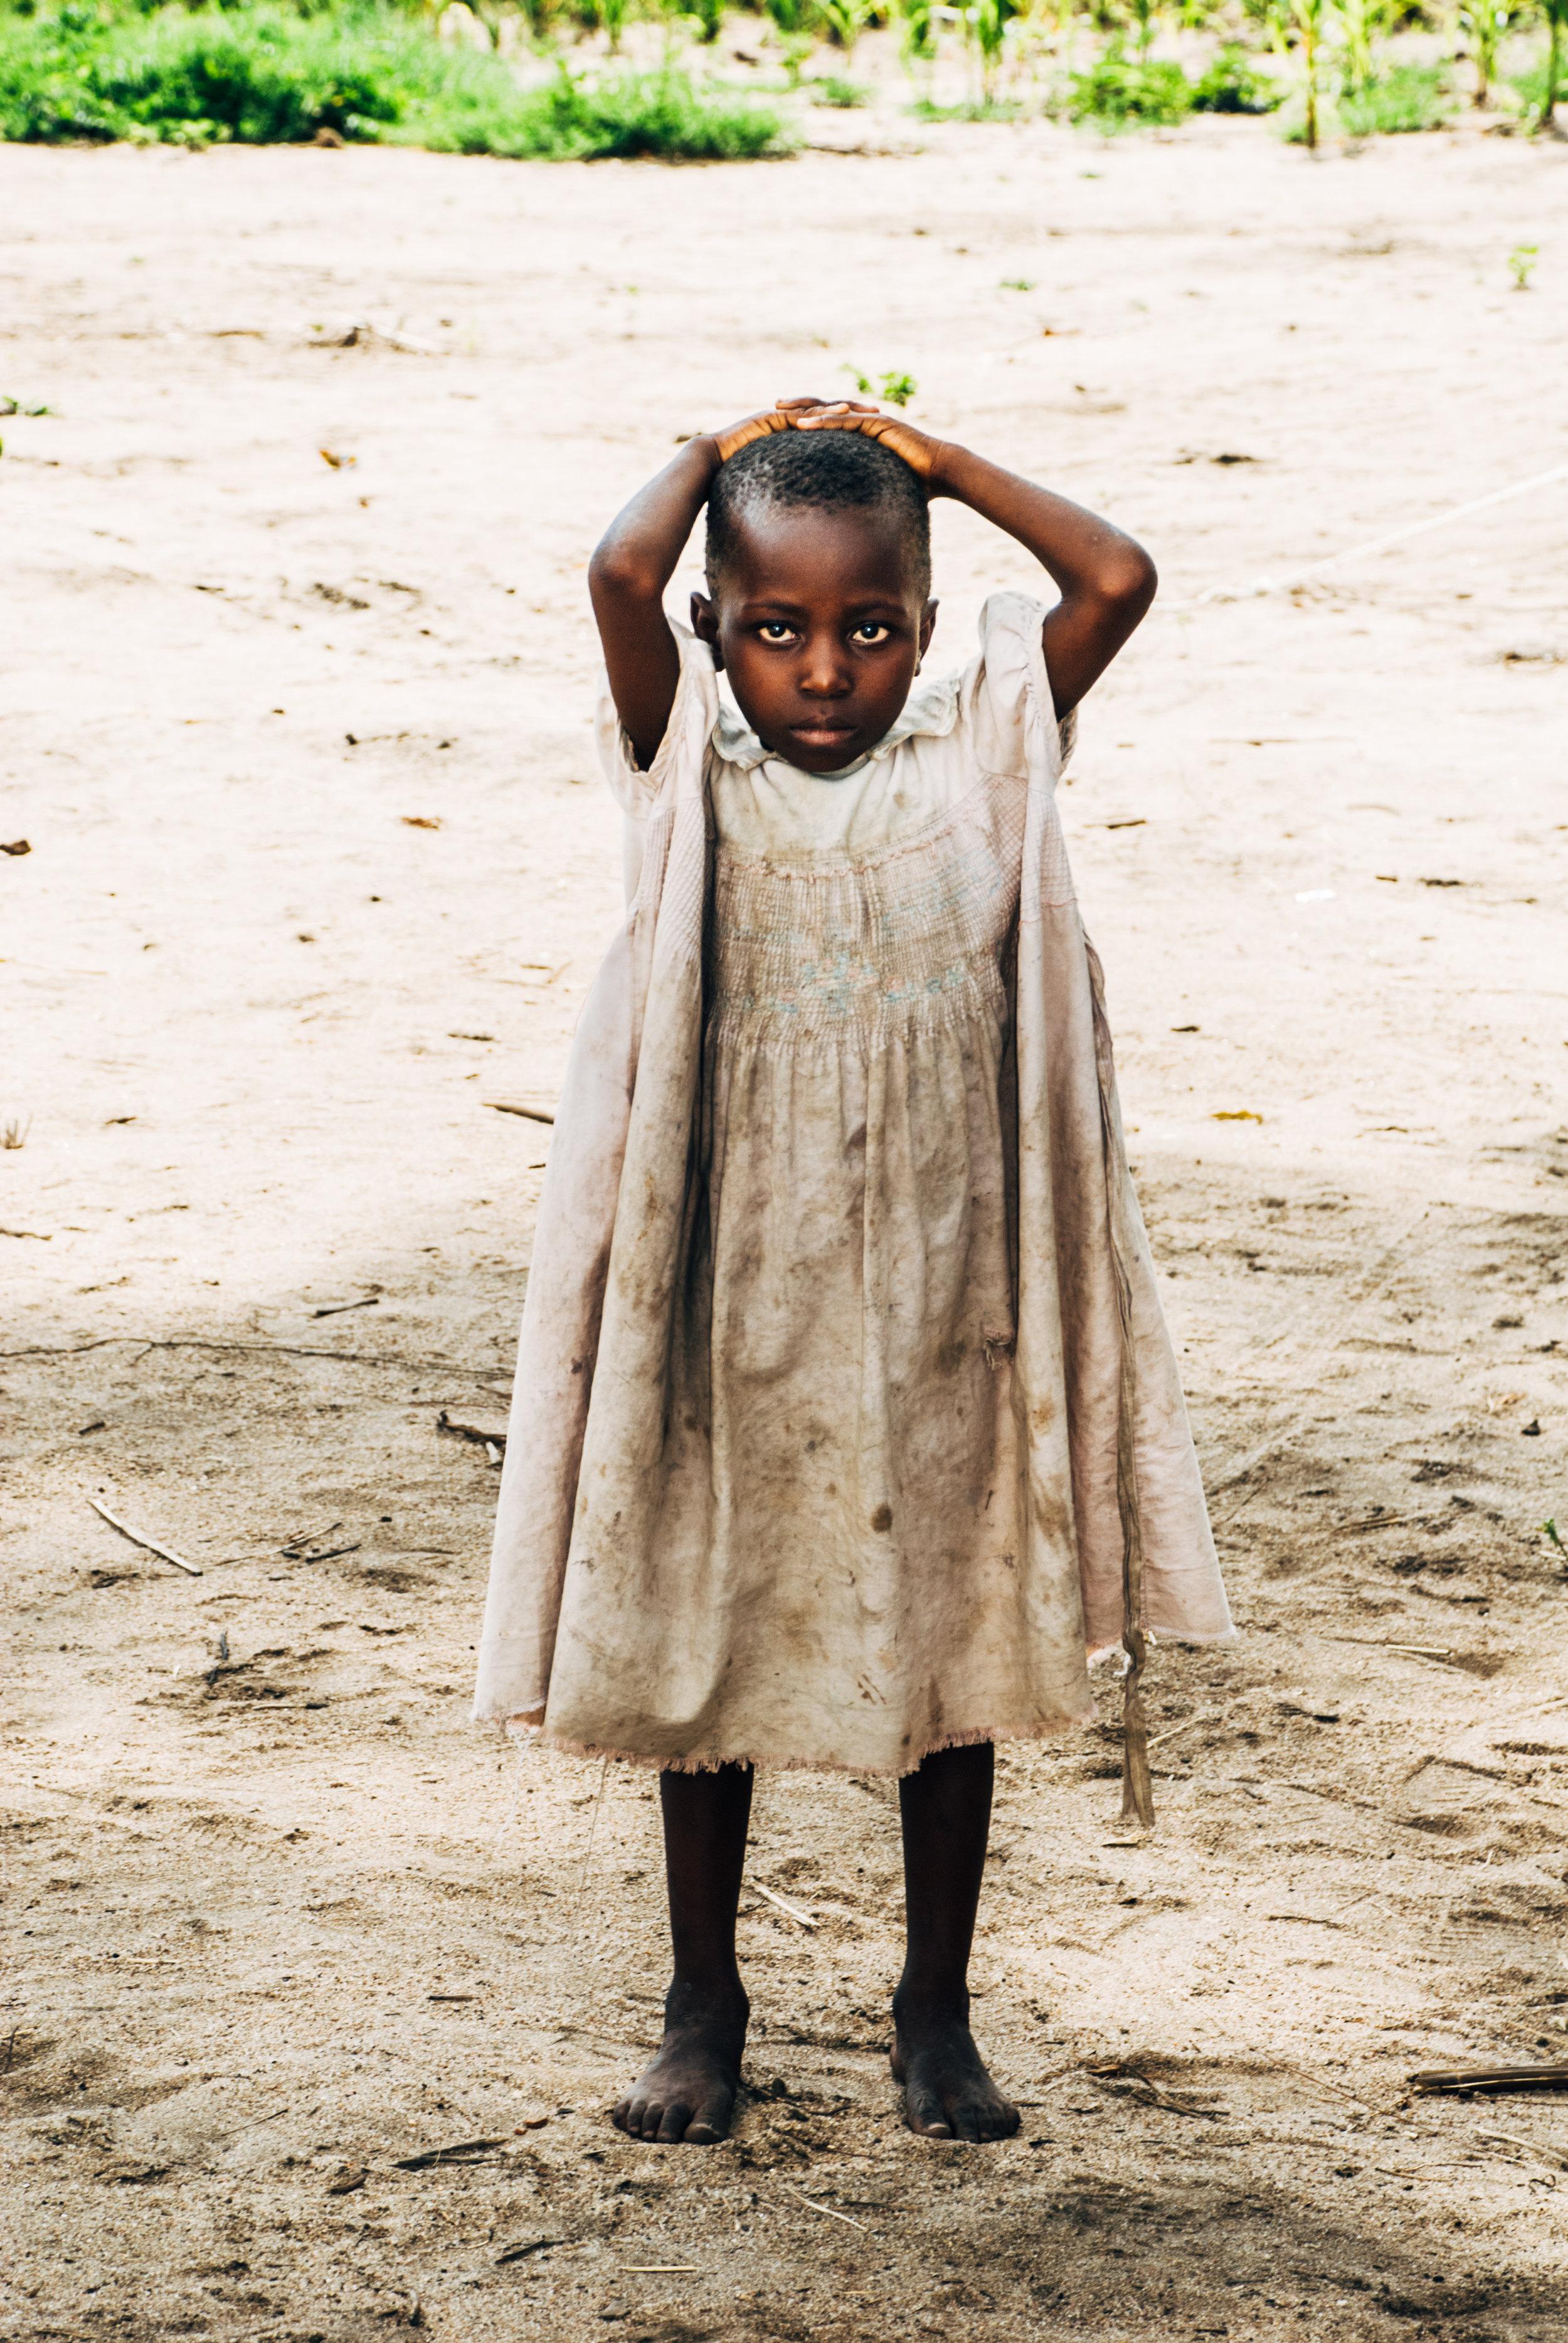 """HVA ER VIKTIG HER I LIVET- i møtet med alle disse menneskene som ikke eide noe ble jeg tvunget til å tenke gjennom mitt eget liv. Jeg var så flau over å ha """"dyre"""" hele klær og nye flip-flops. Enda mer """"flau"""" var jeg over min hvite hud, som var som et symbol på at jeg hører til de rike. De grådige som ødelegger denne planeten og forårsaker ekstrem fattigdom og kriser som denne."""